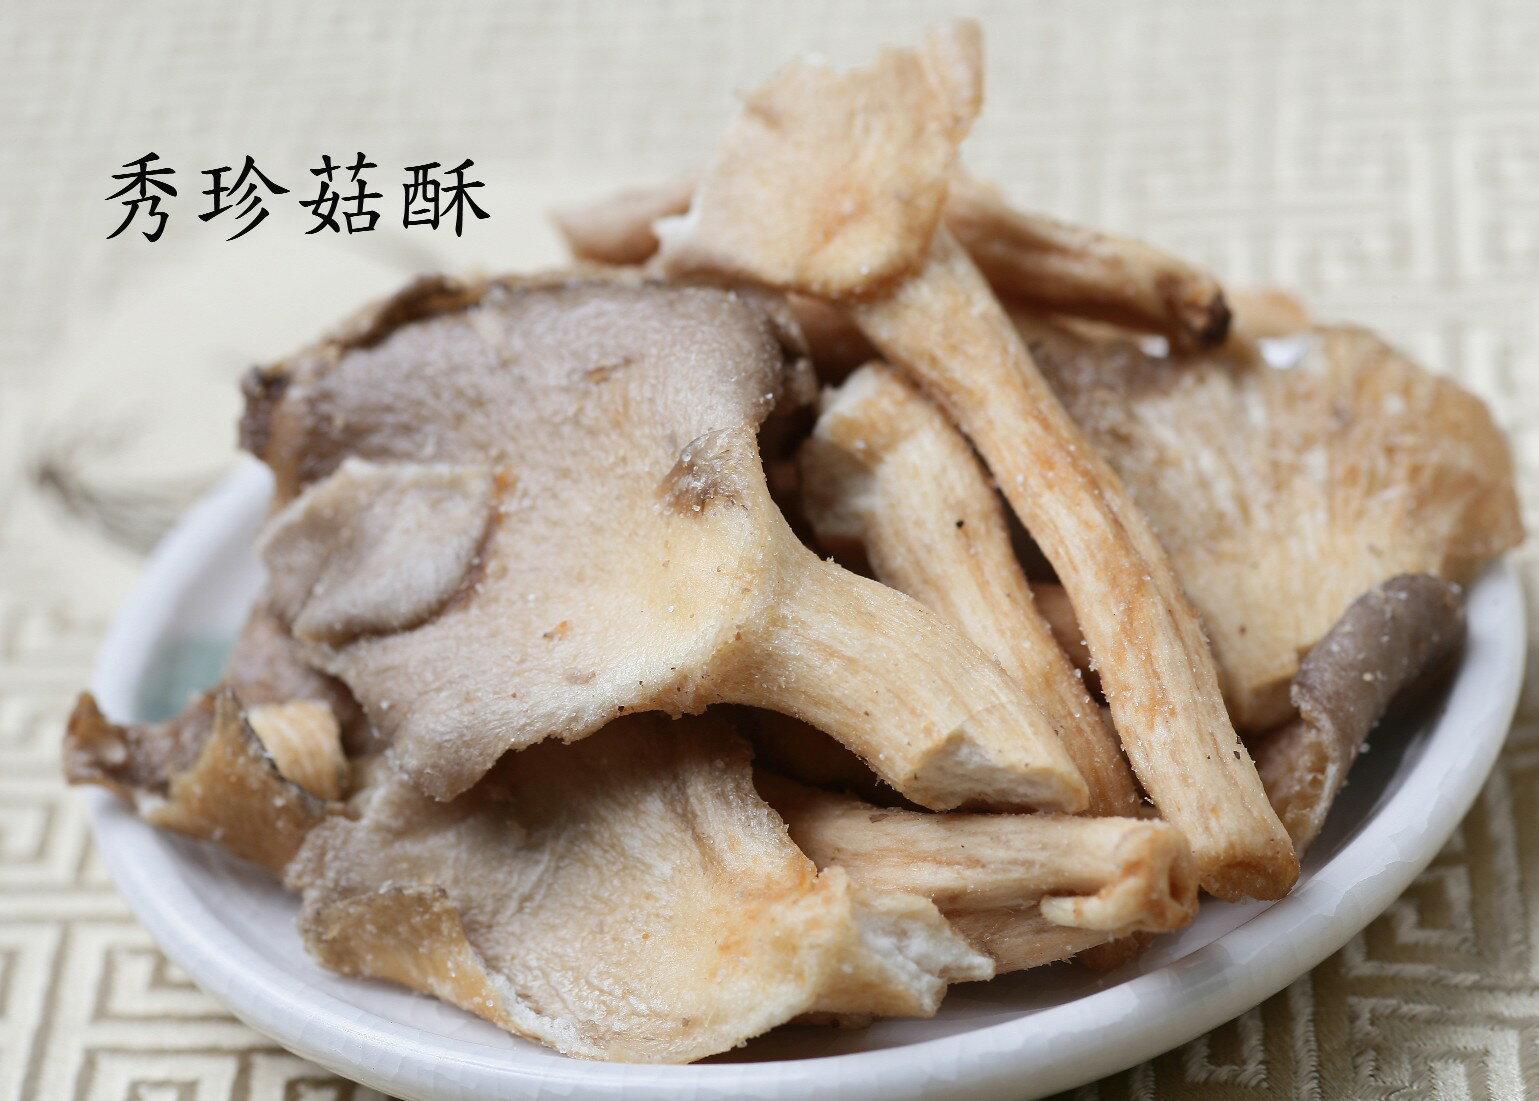 秀珍菇酥餅-60g包裝(芥末口味-わさび味)